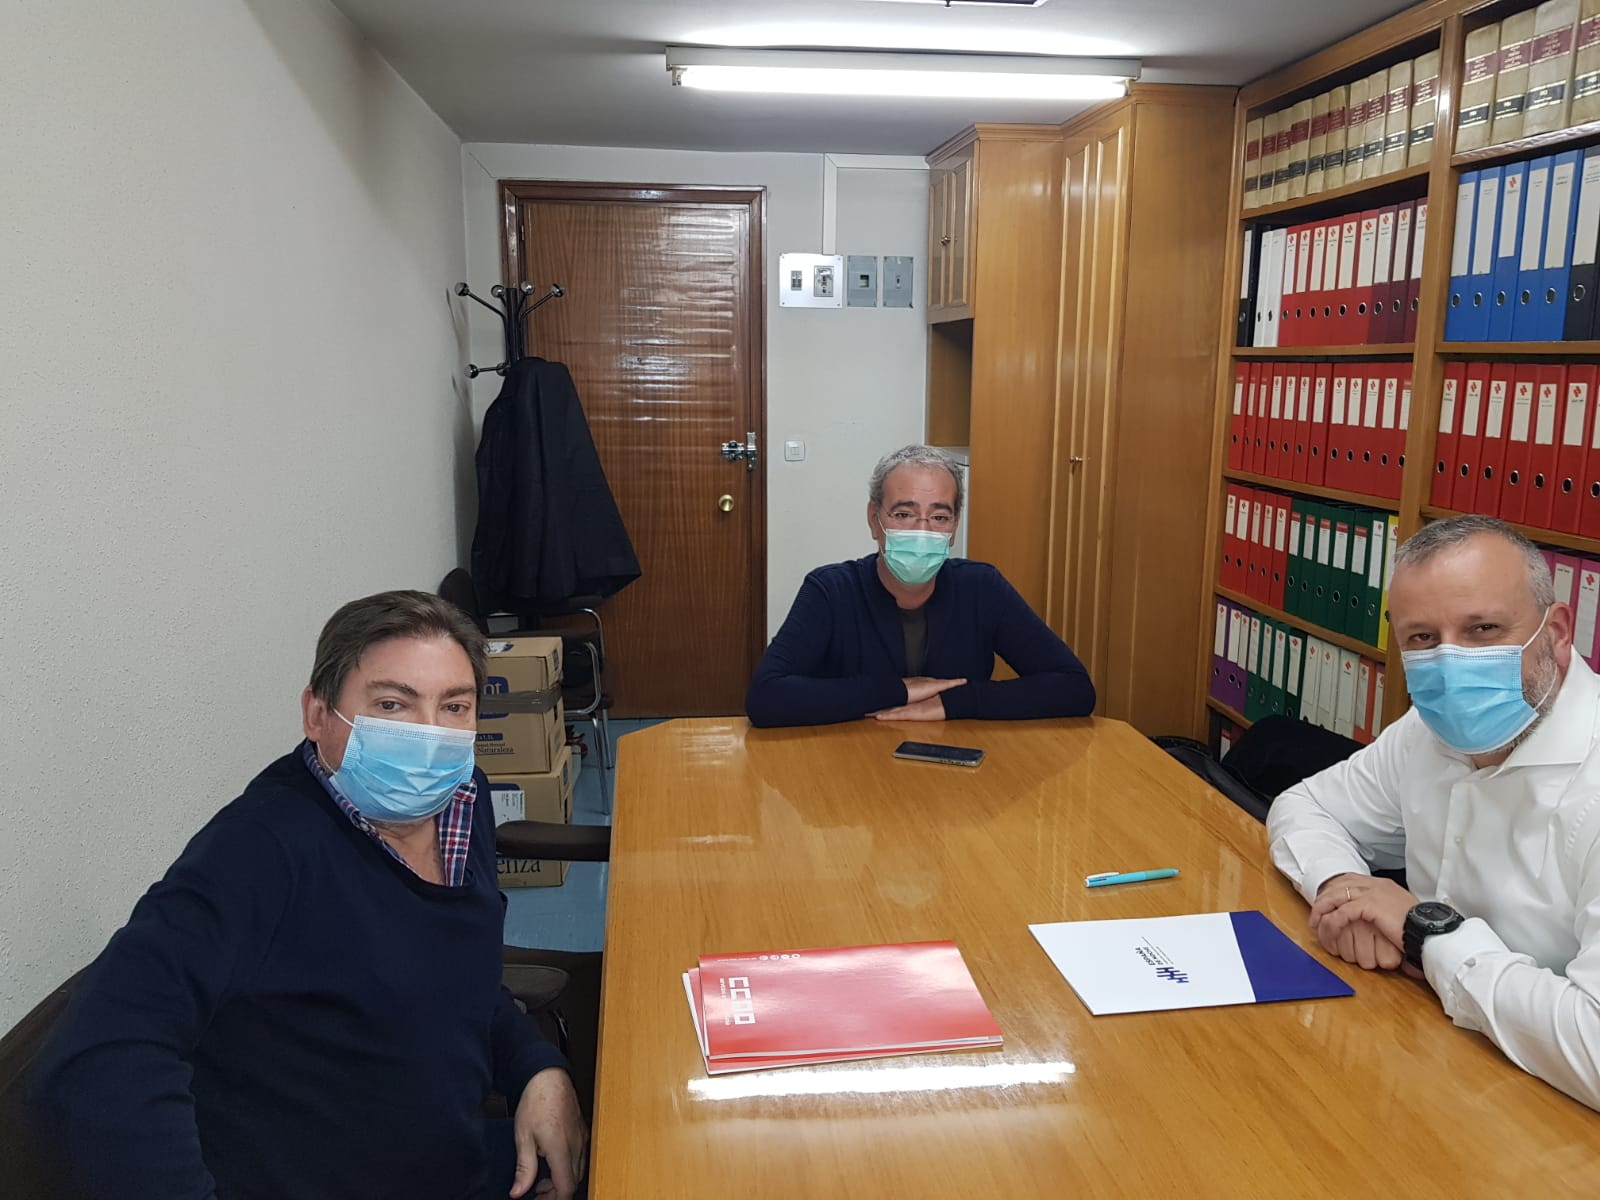 Reunión en Madrid con UGT y CCOO